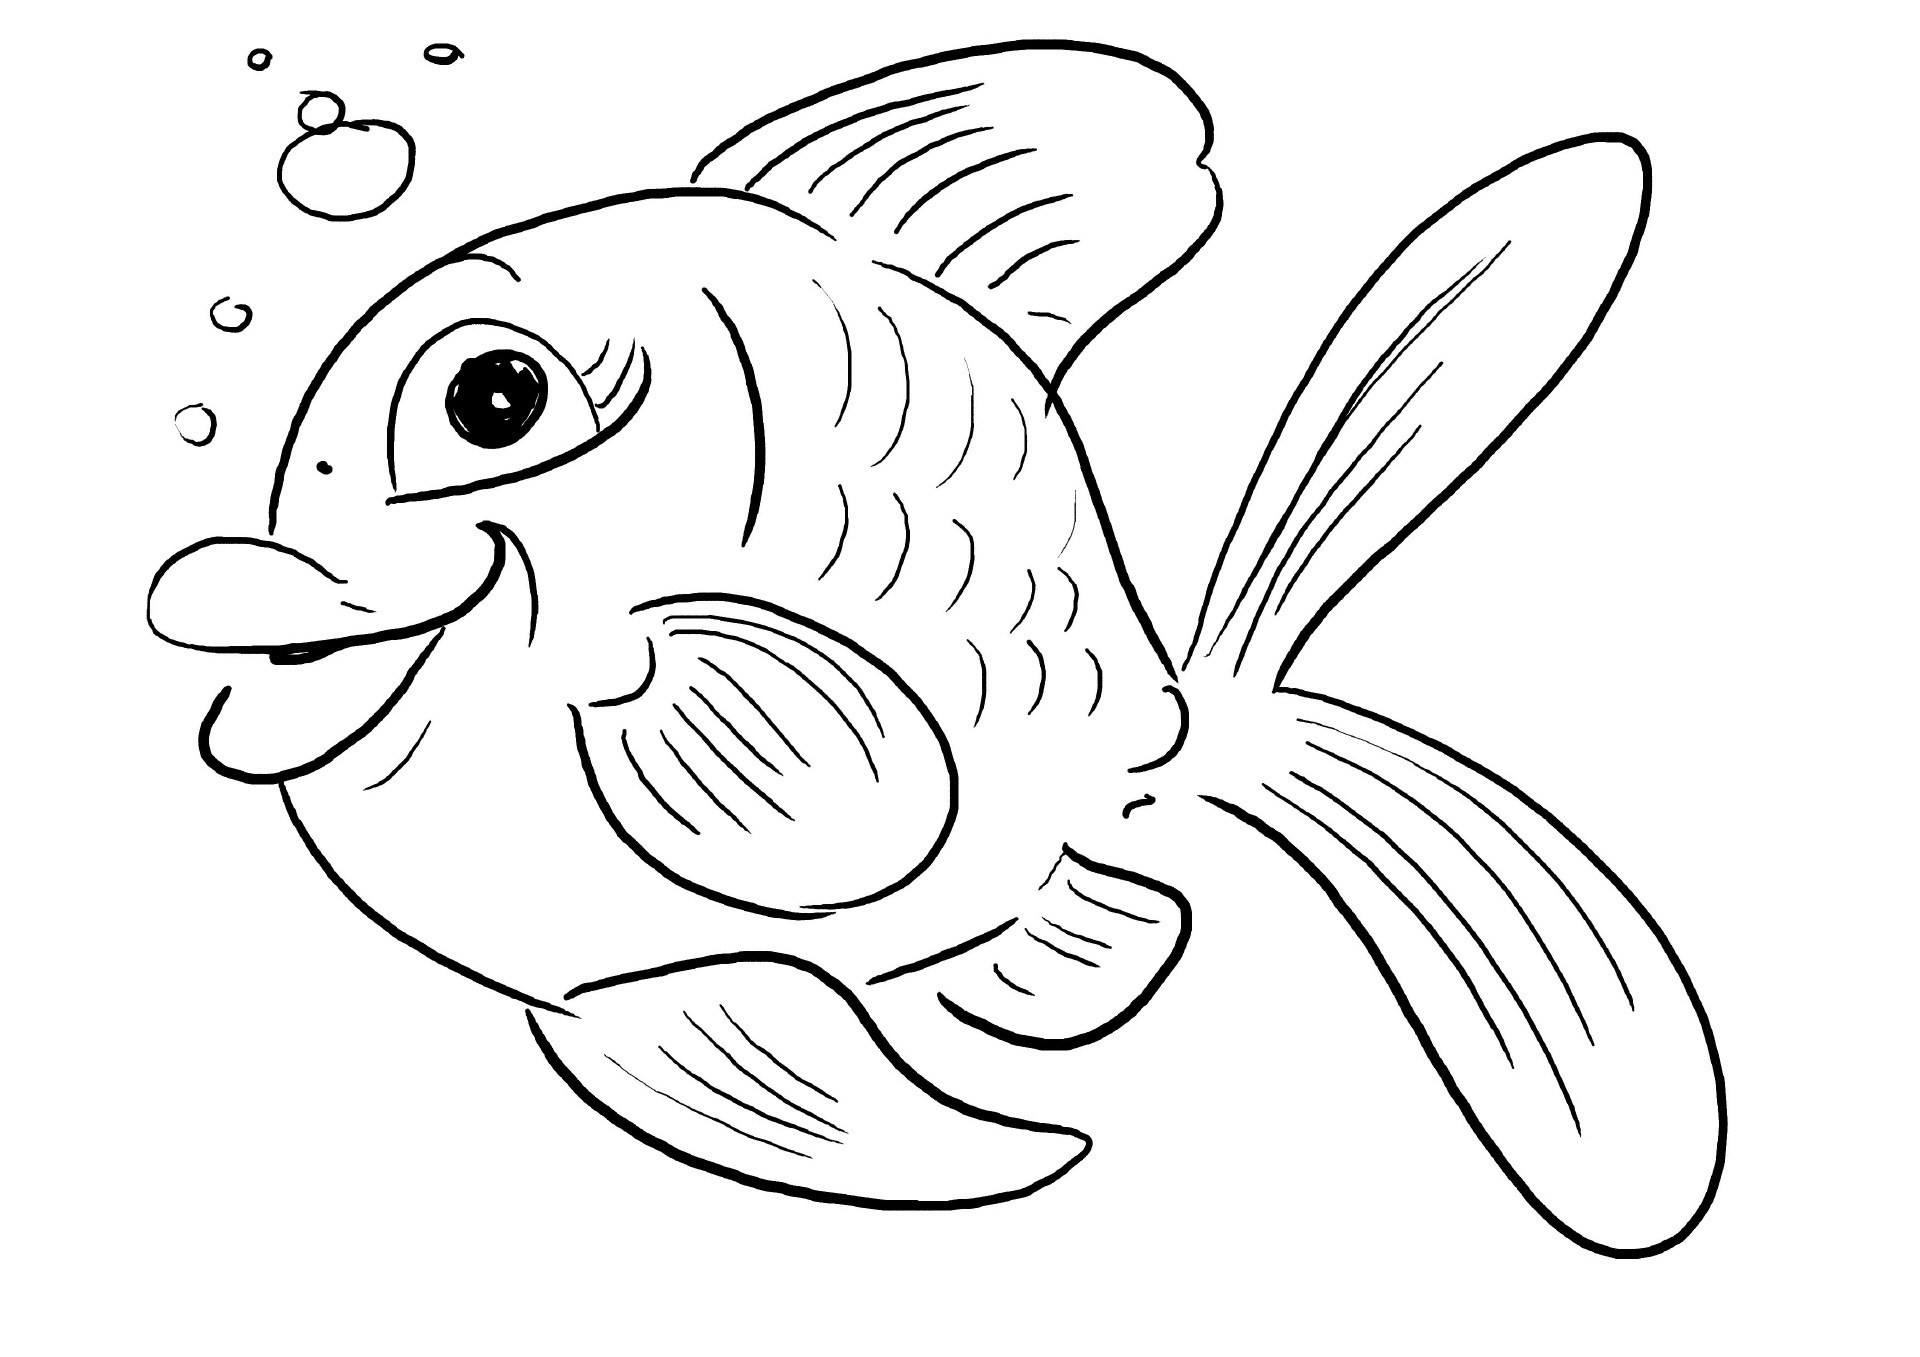 ausmalbilder unterwasserwelt neu unterwasserwelt zum